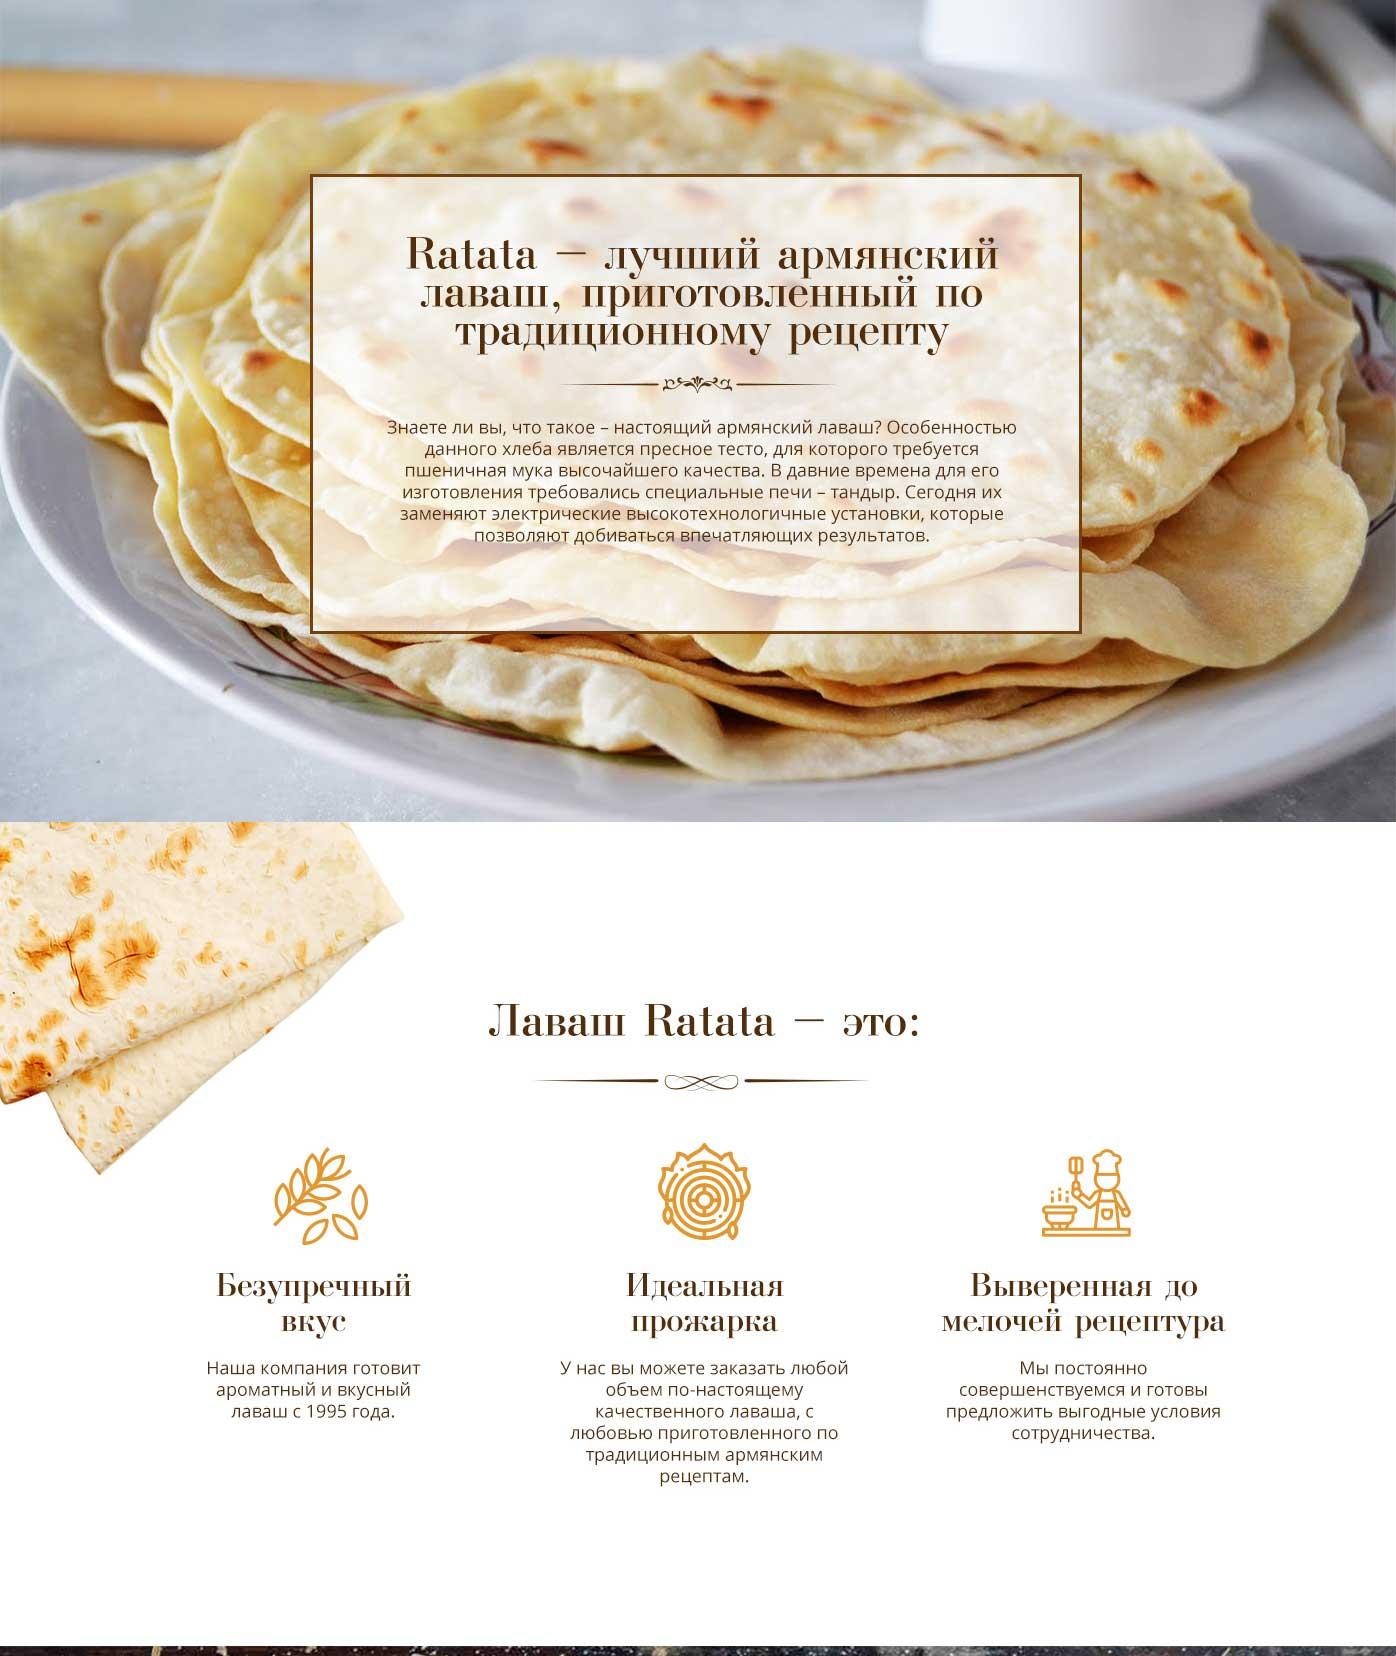 עיצוב נחיתת פיתות Ratata